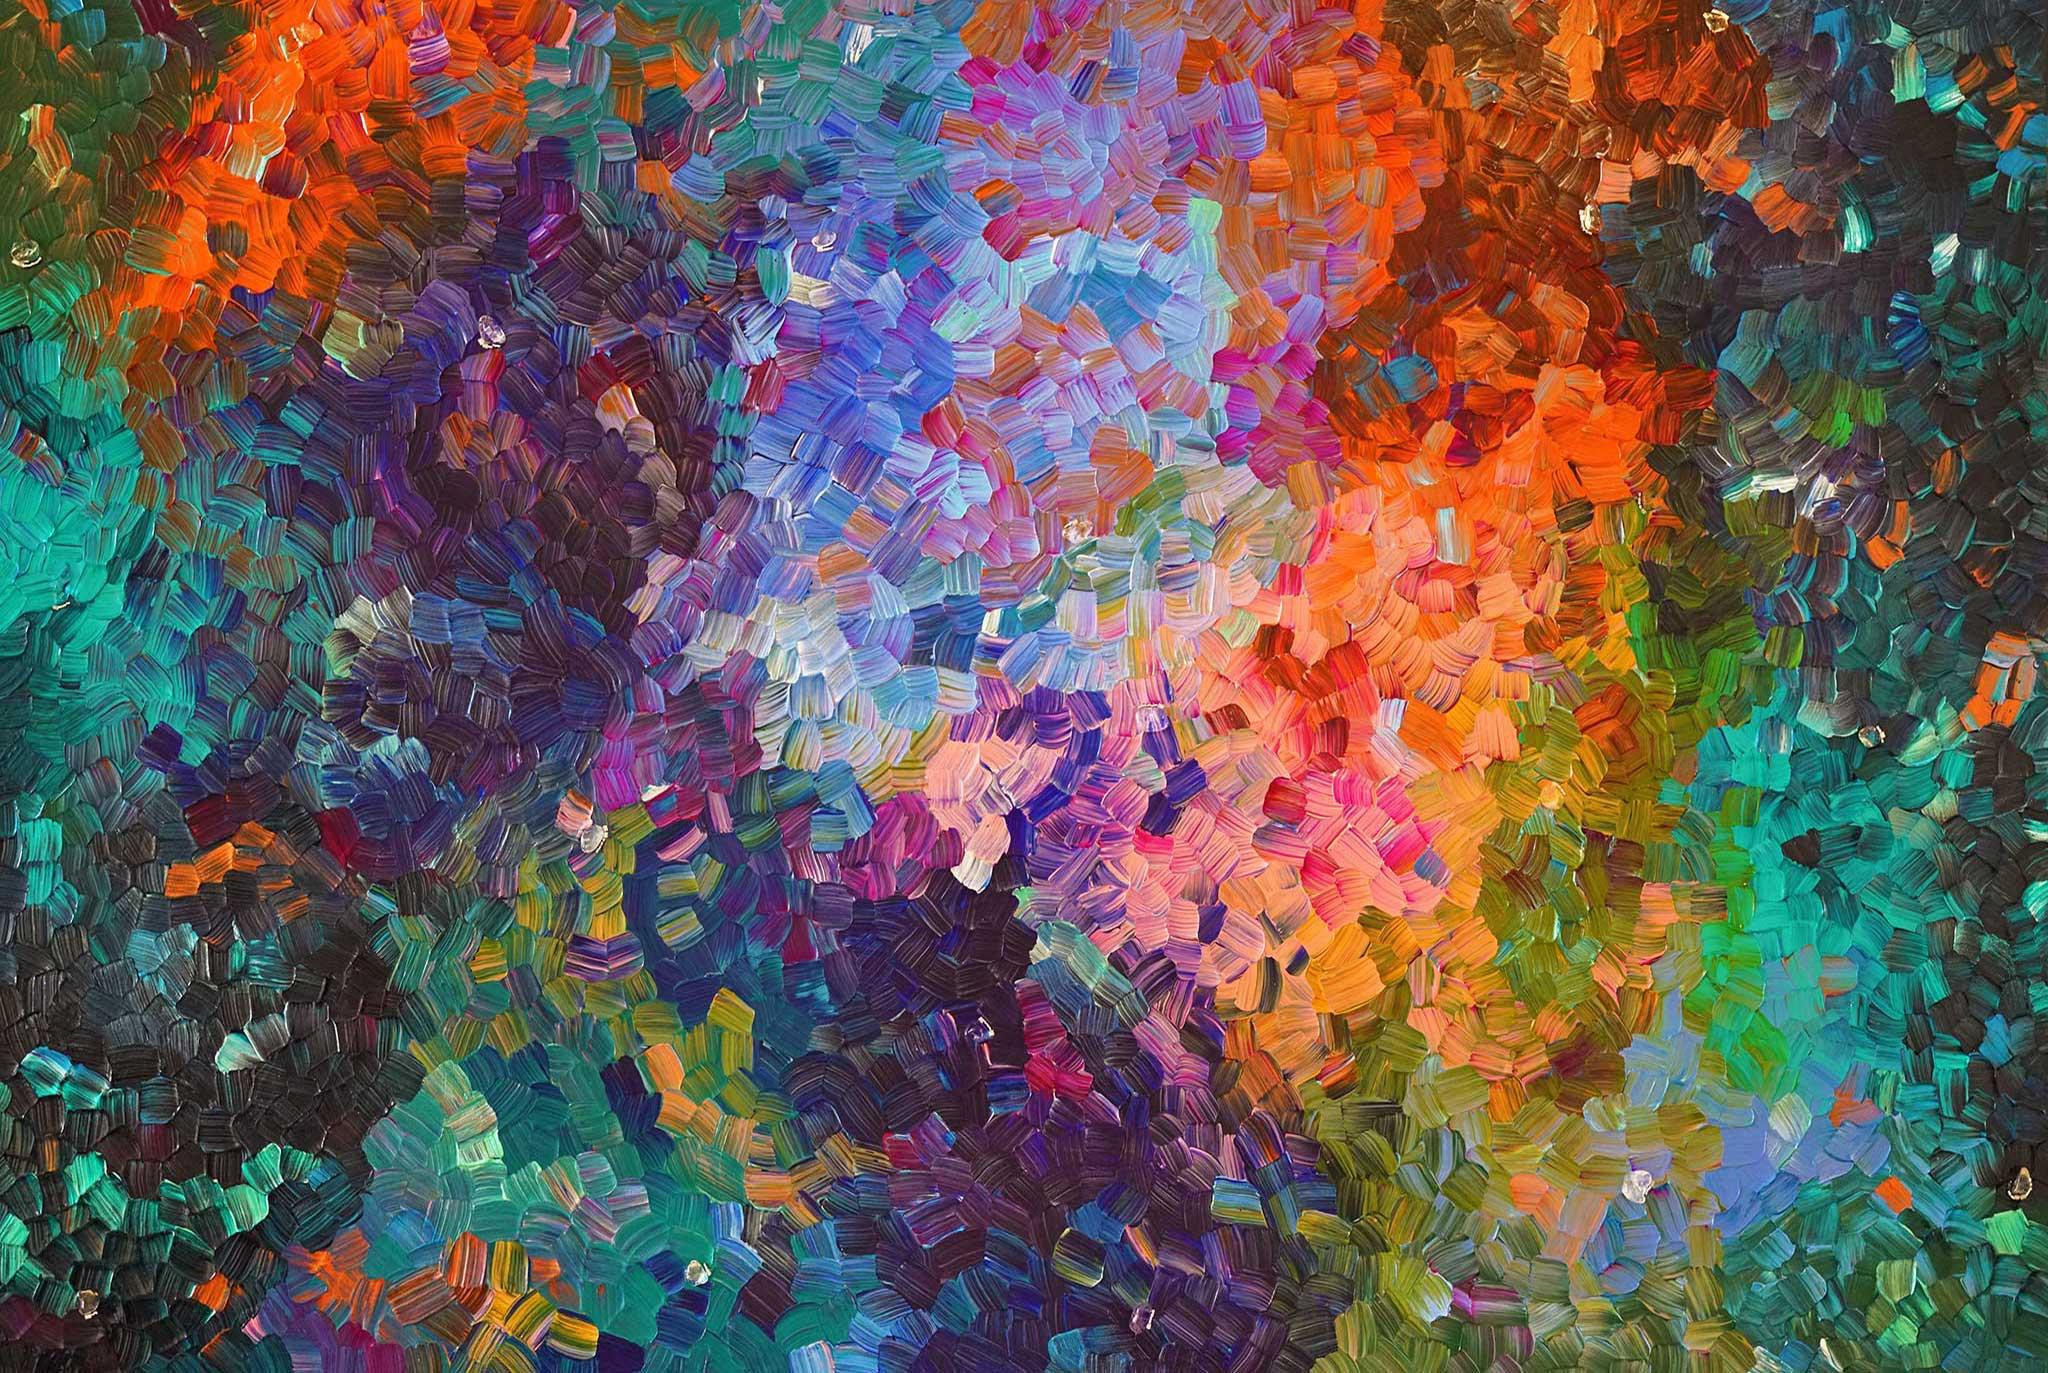 Fe by Ingrid Ching